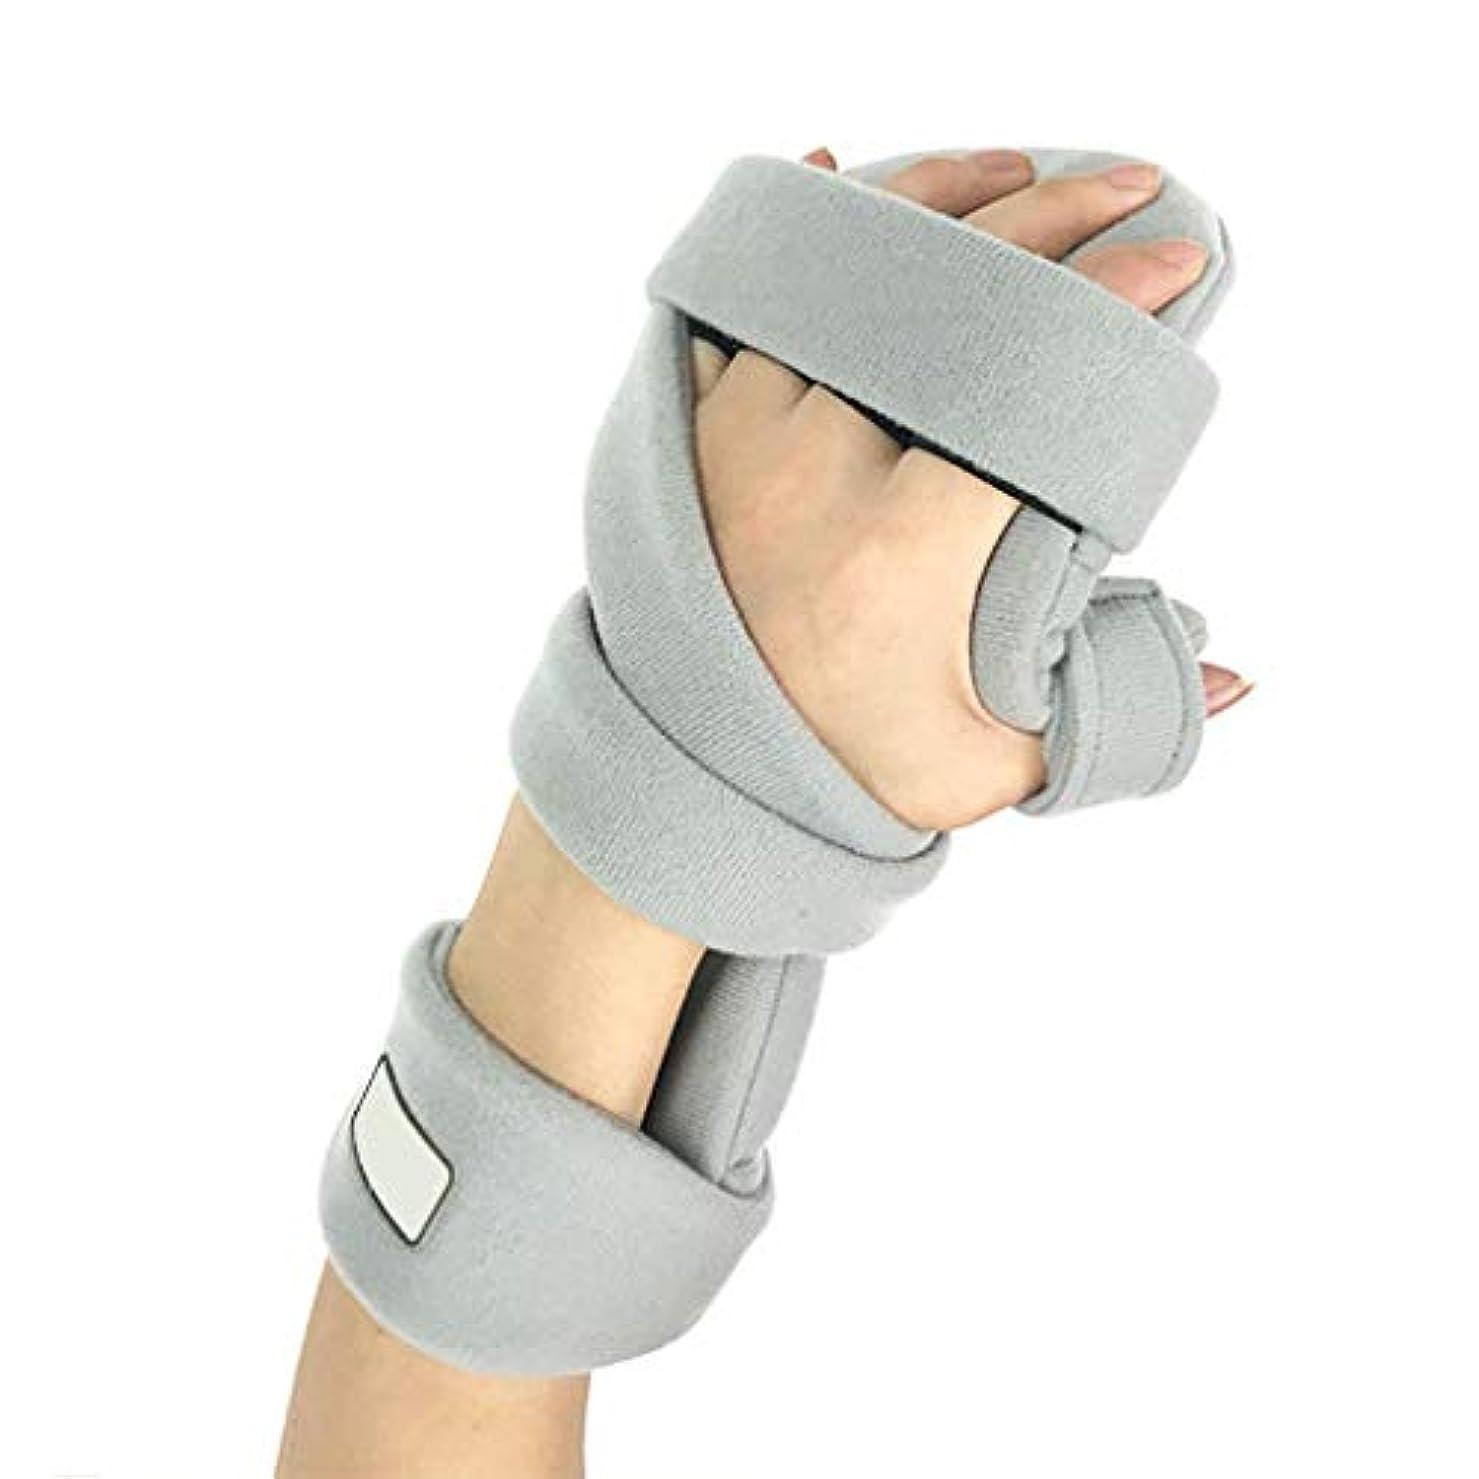 校長ドメイン無知リハビリテーションの指板 - 調節可能な副子の整形外科の装具、高齢者のために固定される訓練装置の手首の骨折片麻痺,Left